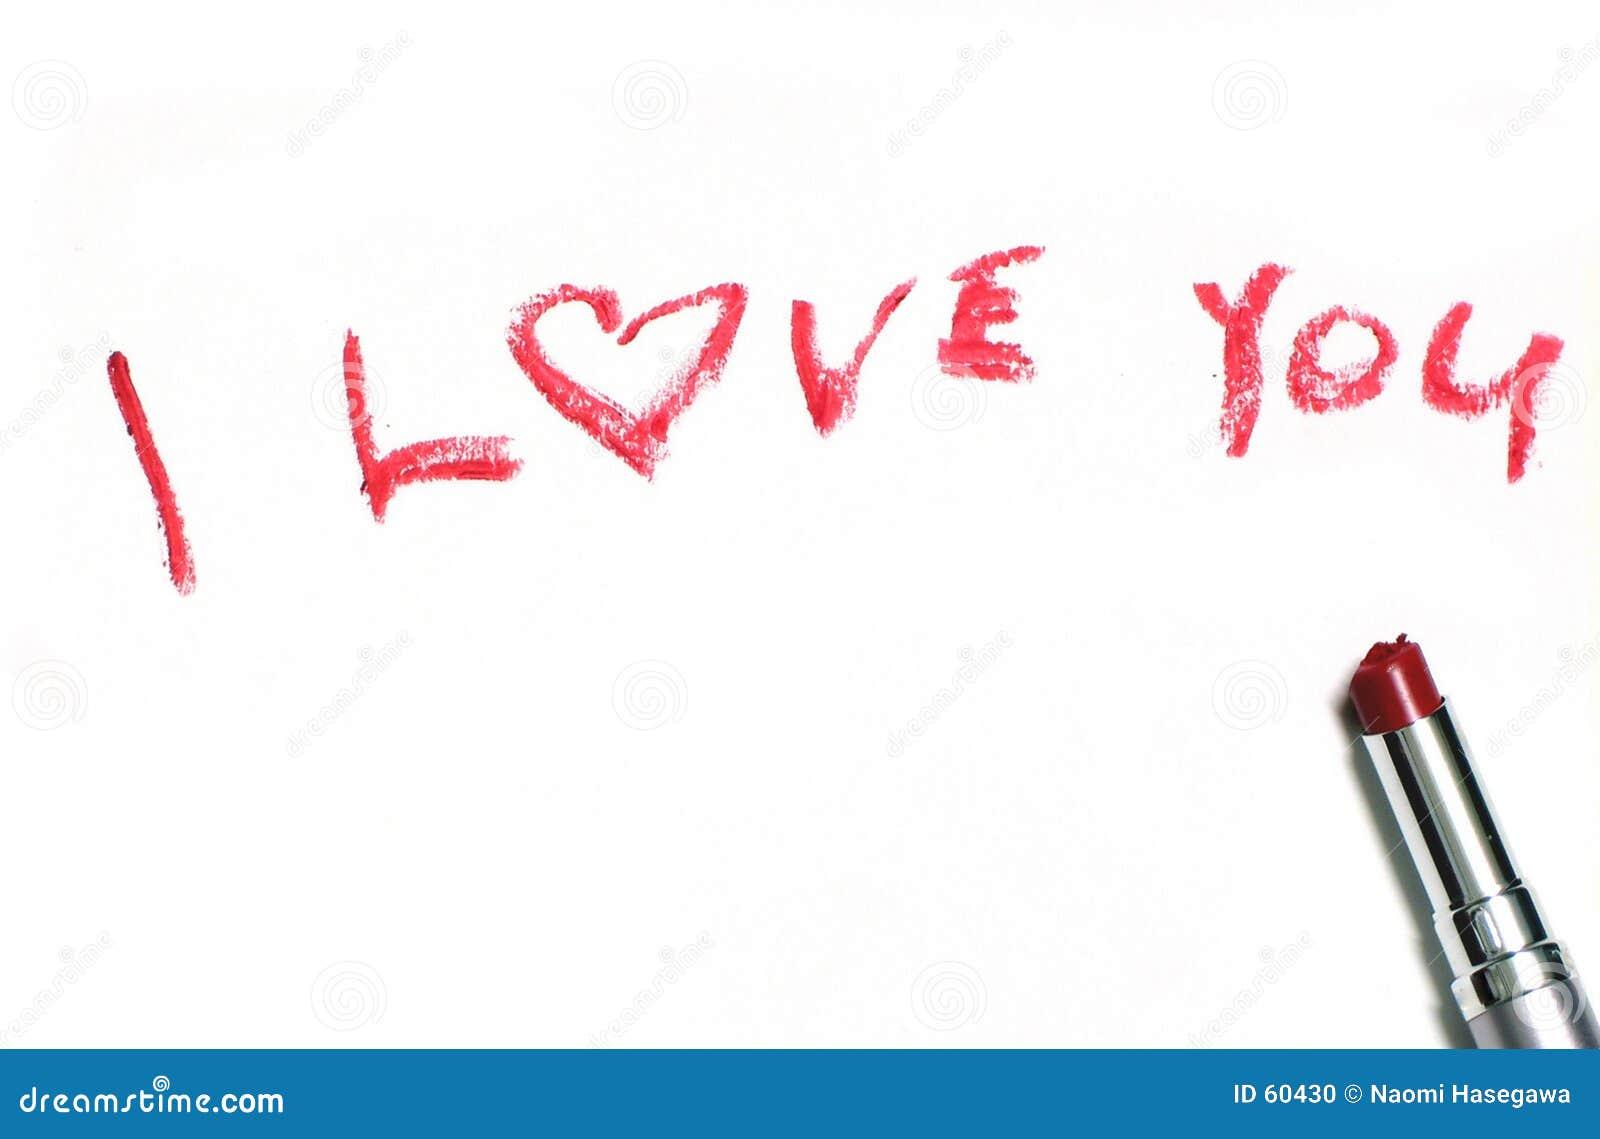 я тебя люблю